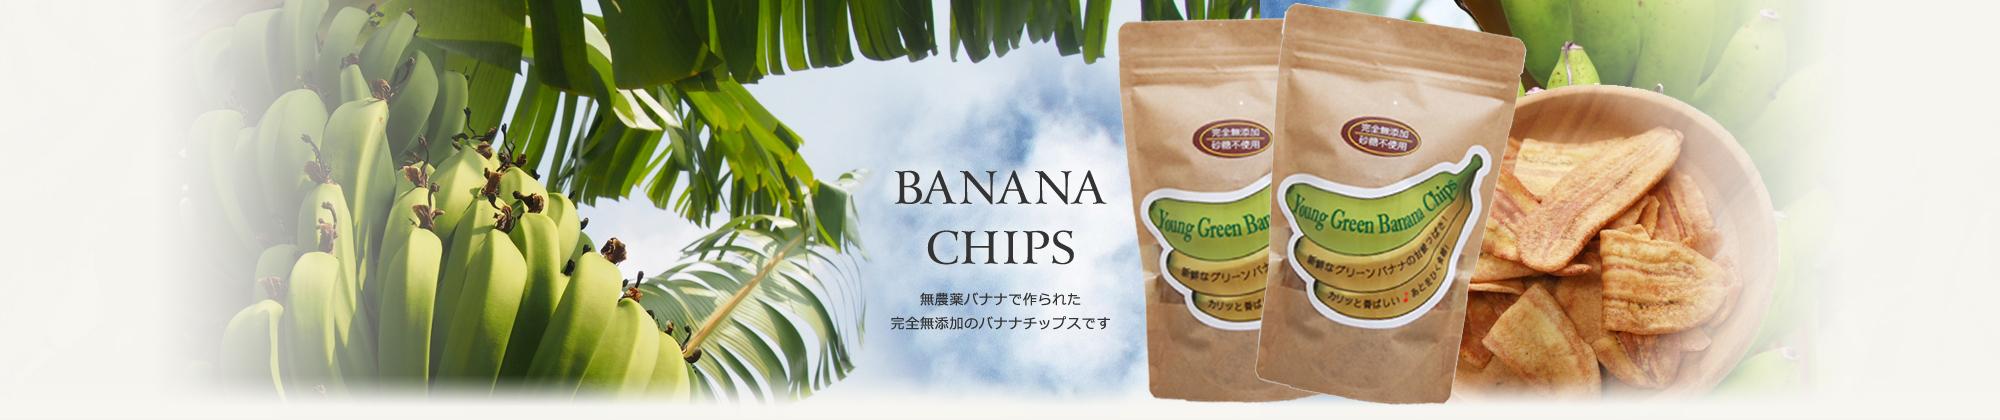 椰子屋メインイメージ バナナチップス